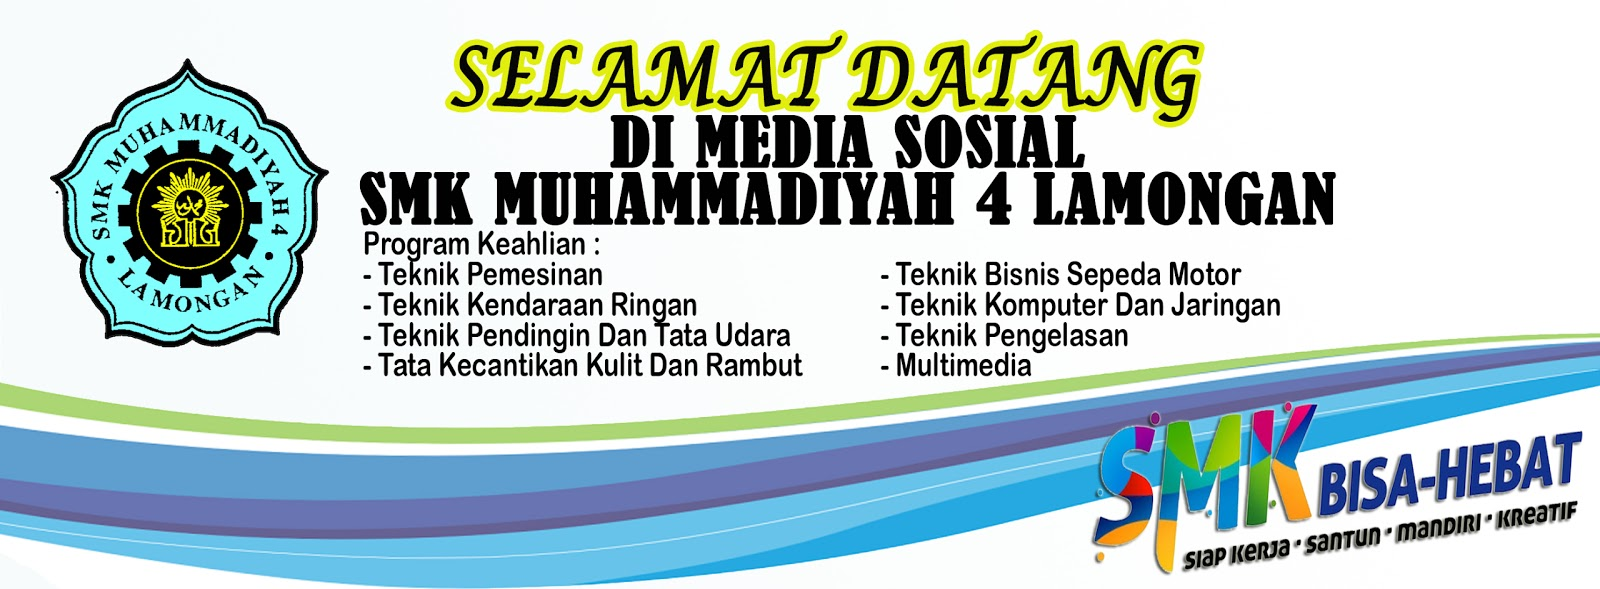 2018 ~ SMK Muhammadiyah 4 Lamongan 22ea6fafff